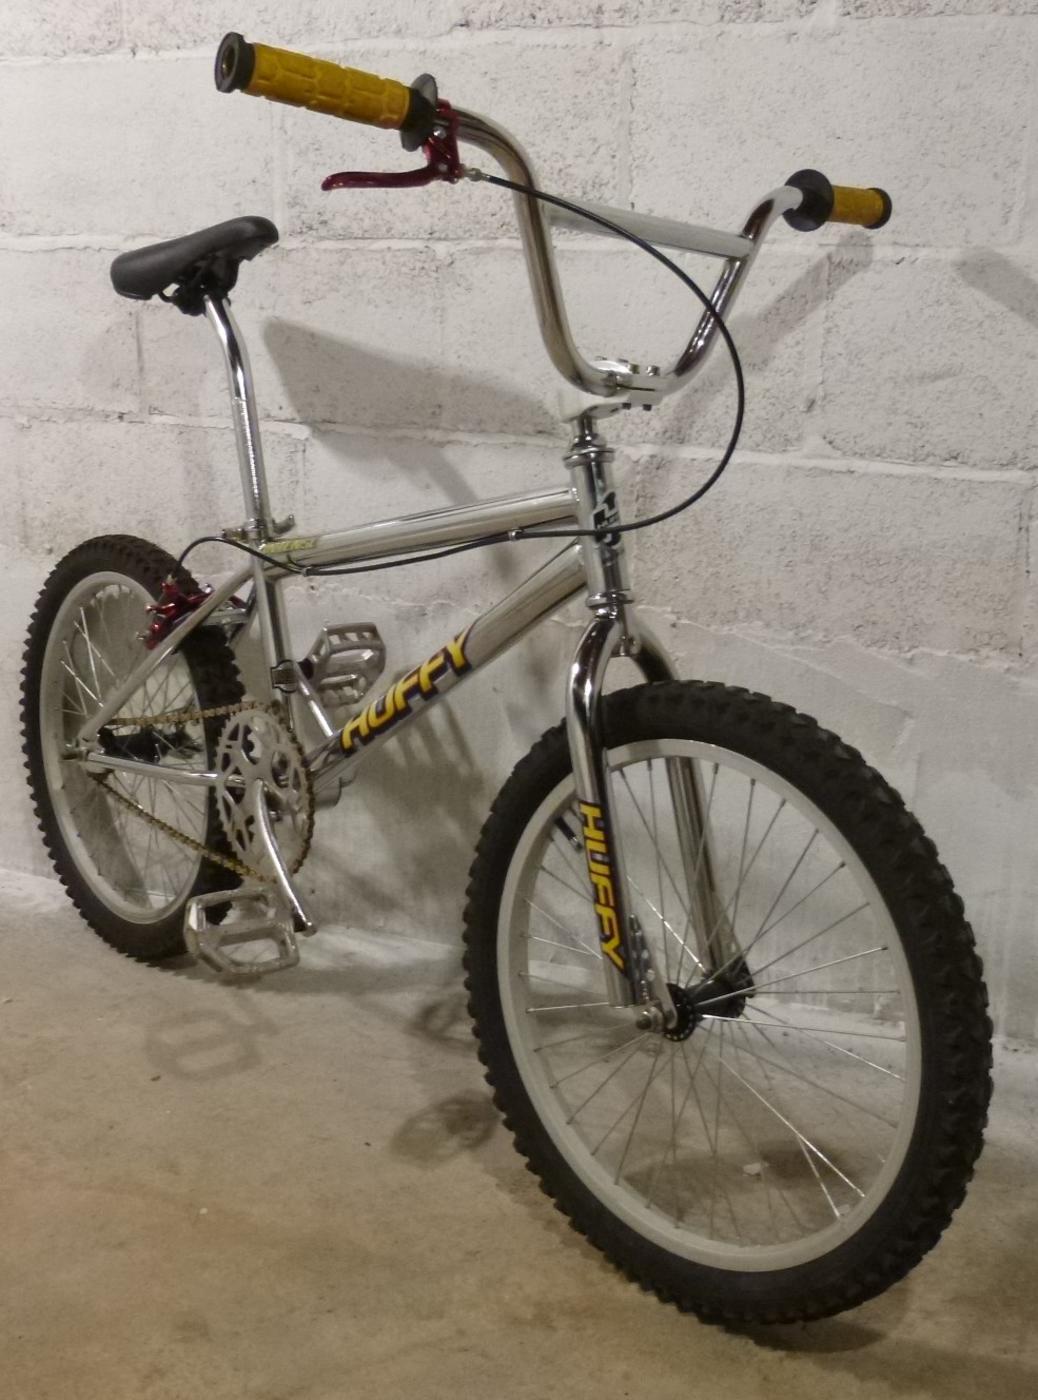 Intense Bmx Bikes : intense, bikes, Huffy, Intense, BMXmuseum.com